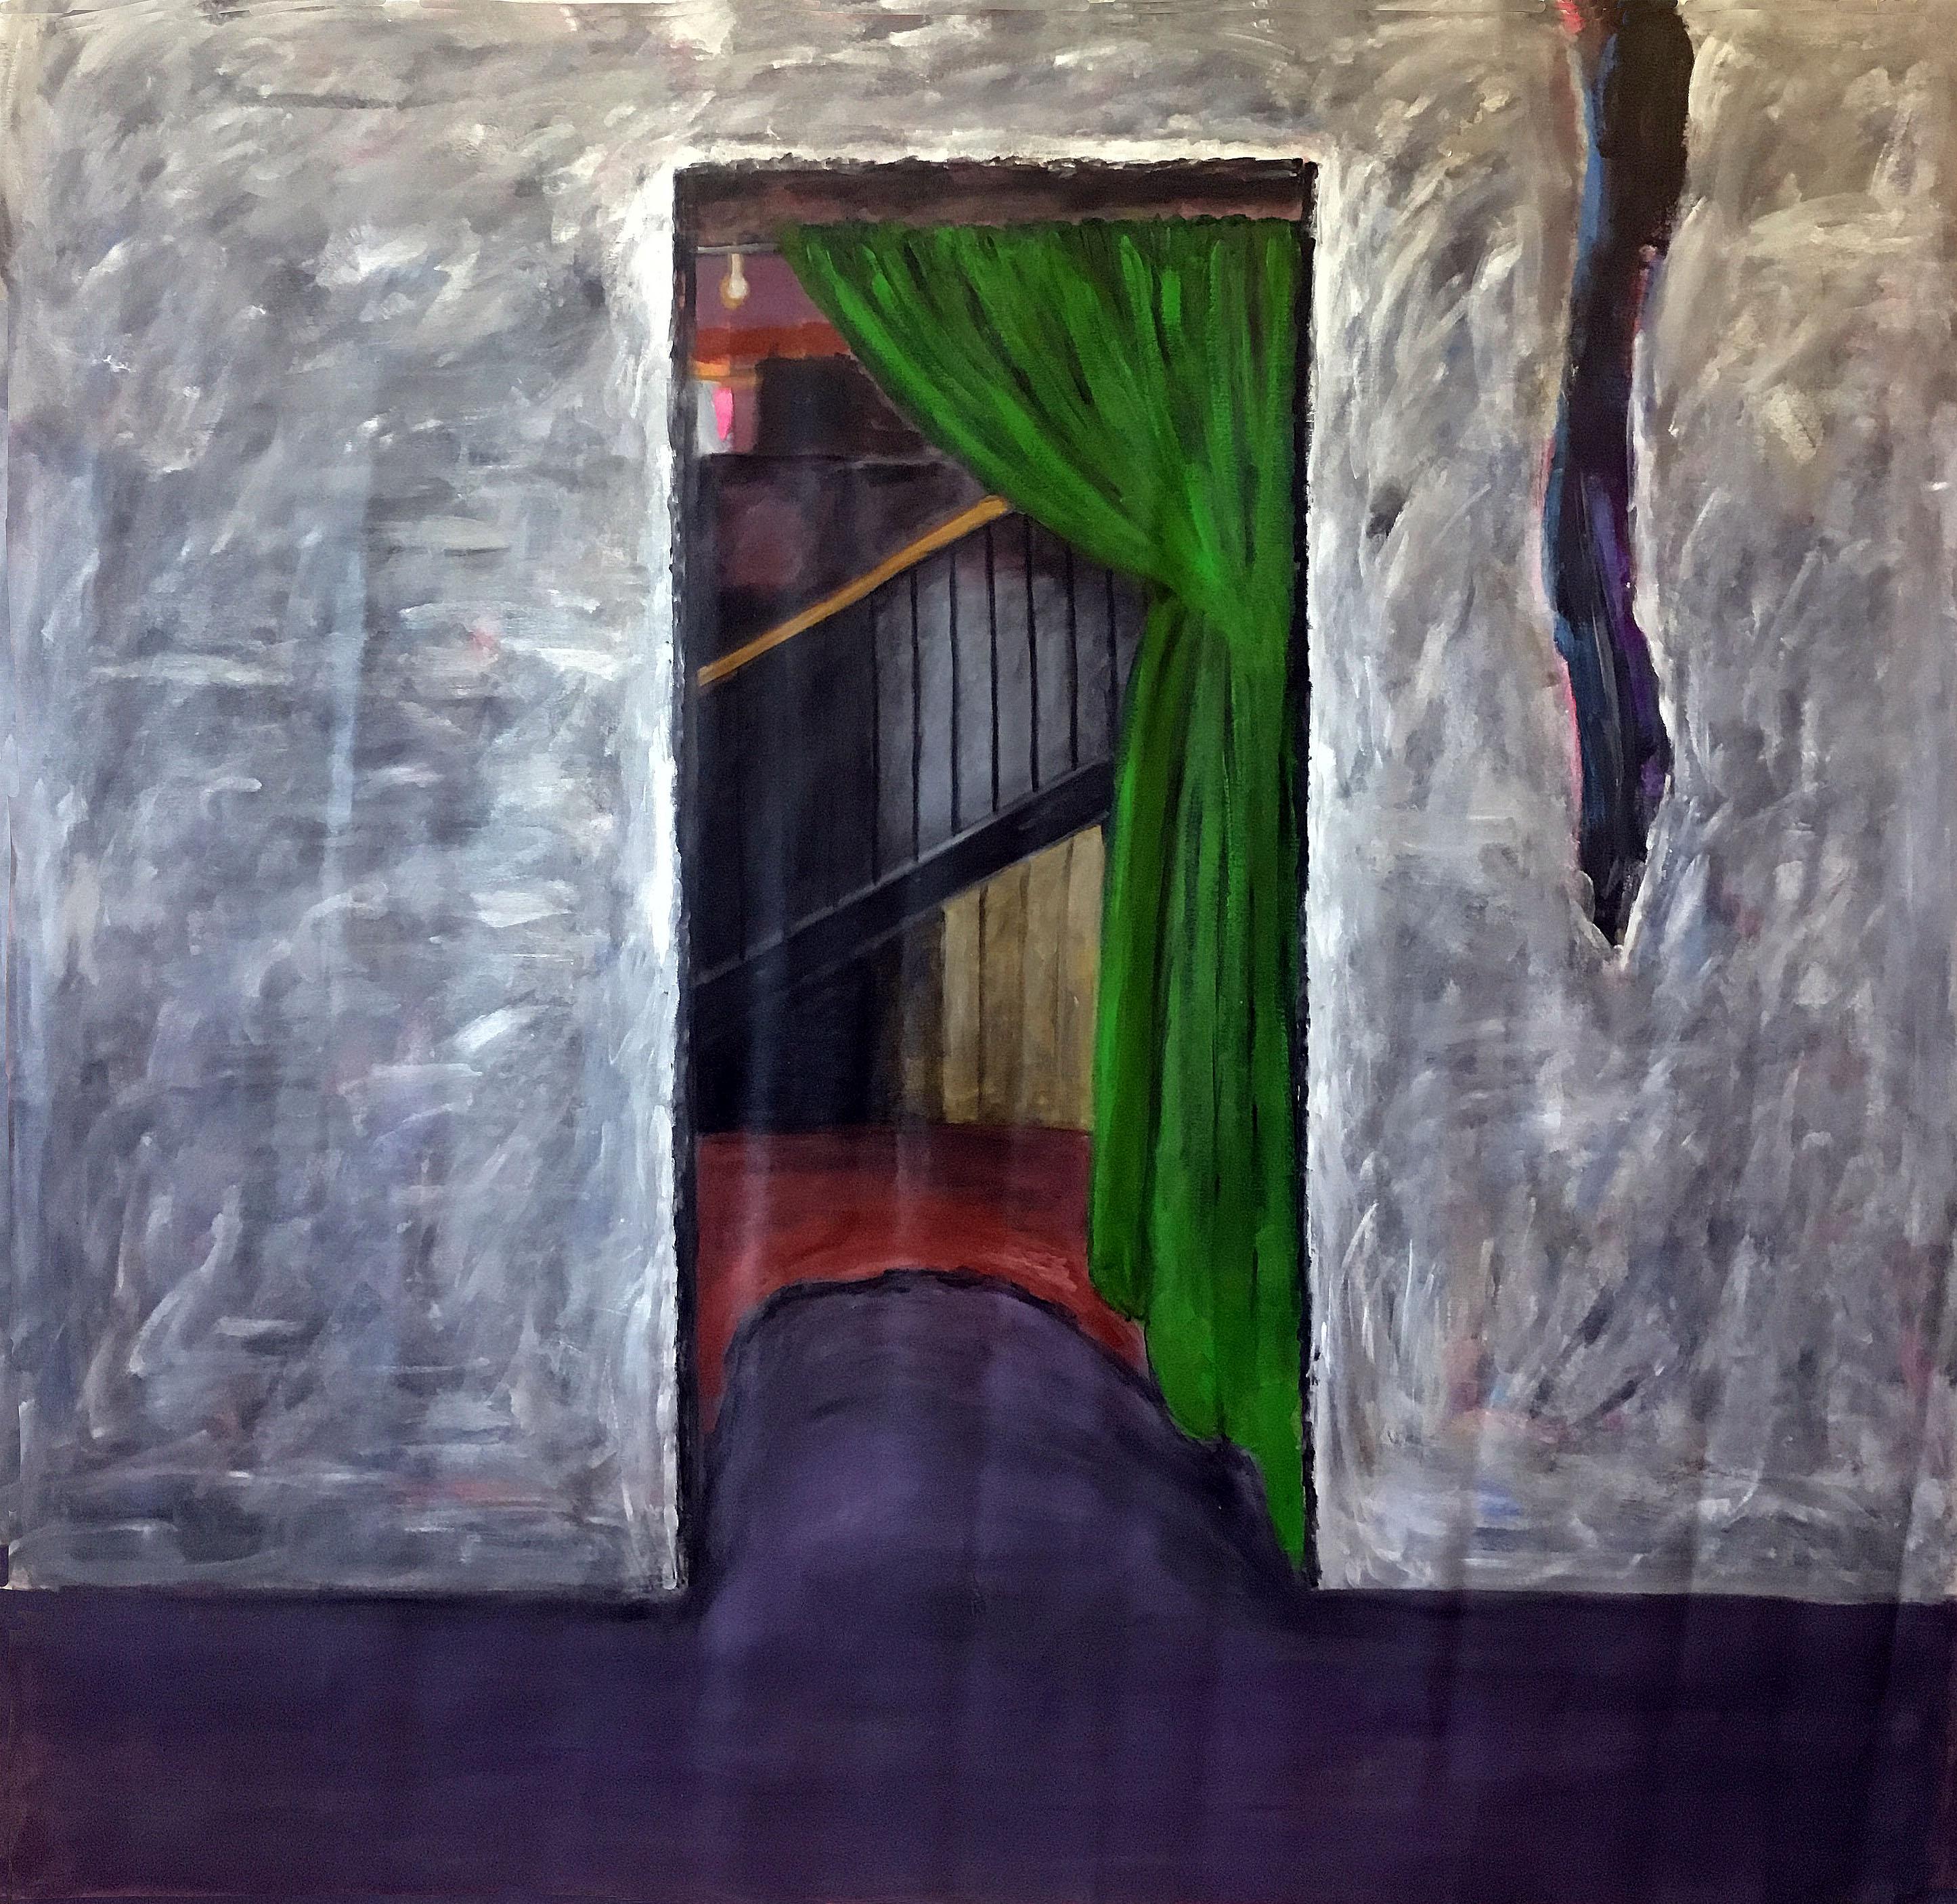 La cortina verde